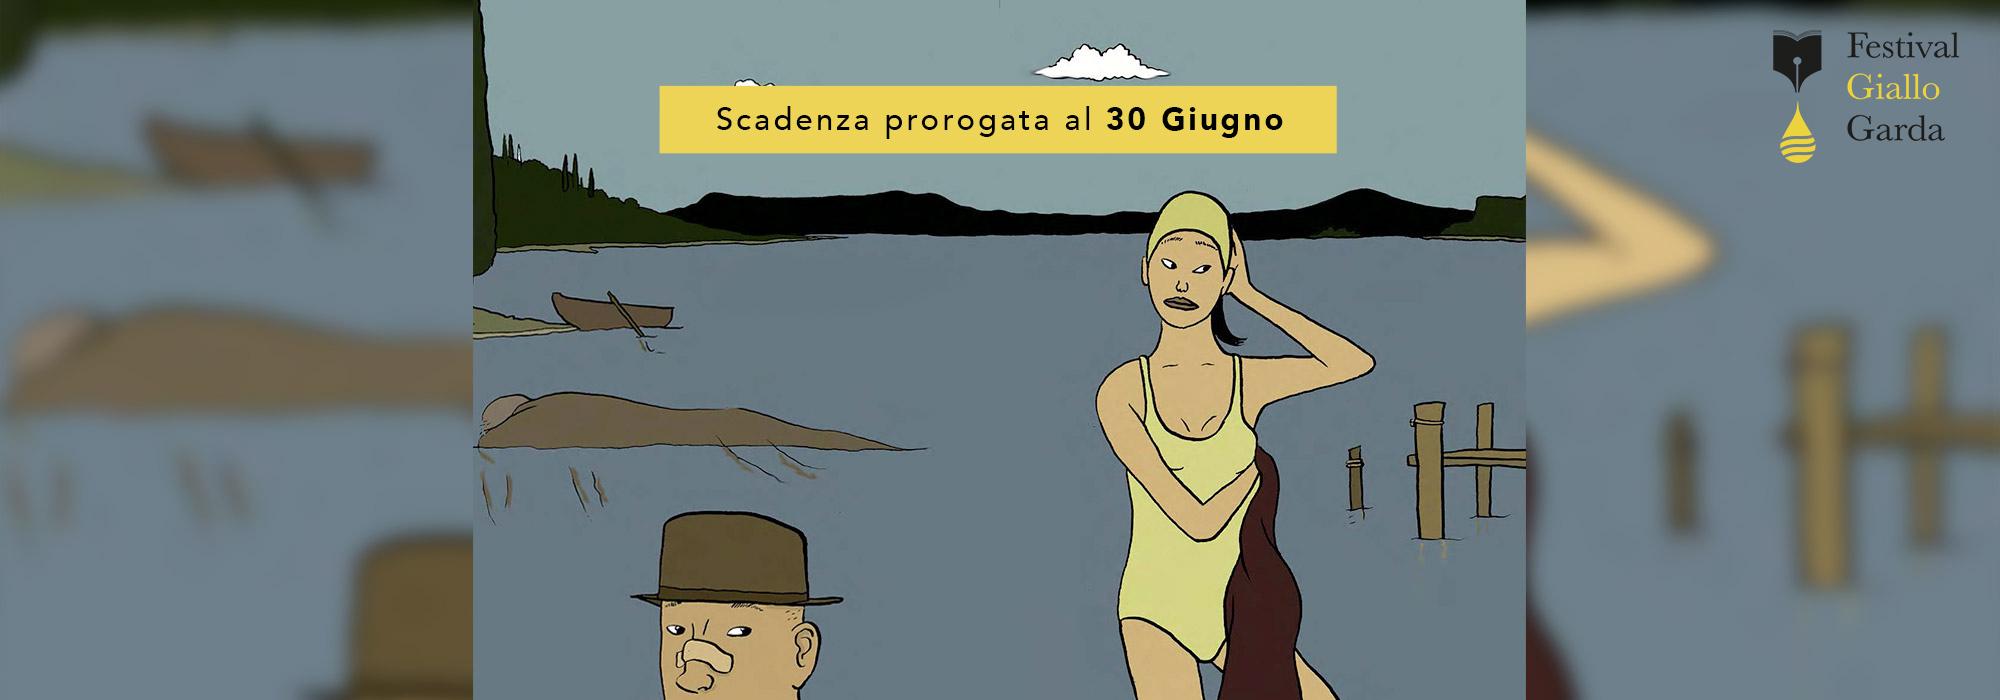 Iscrizione sesta edizione Festival Giallo Garda